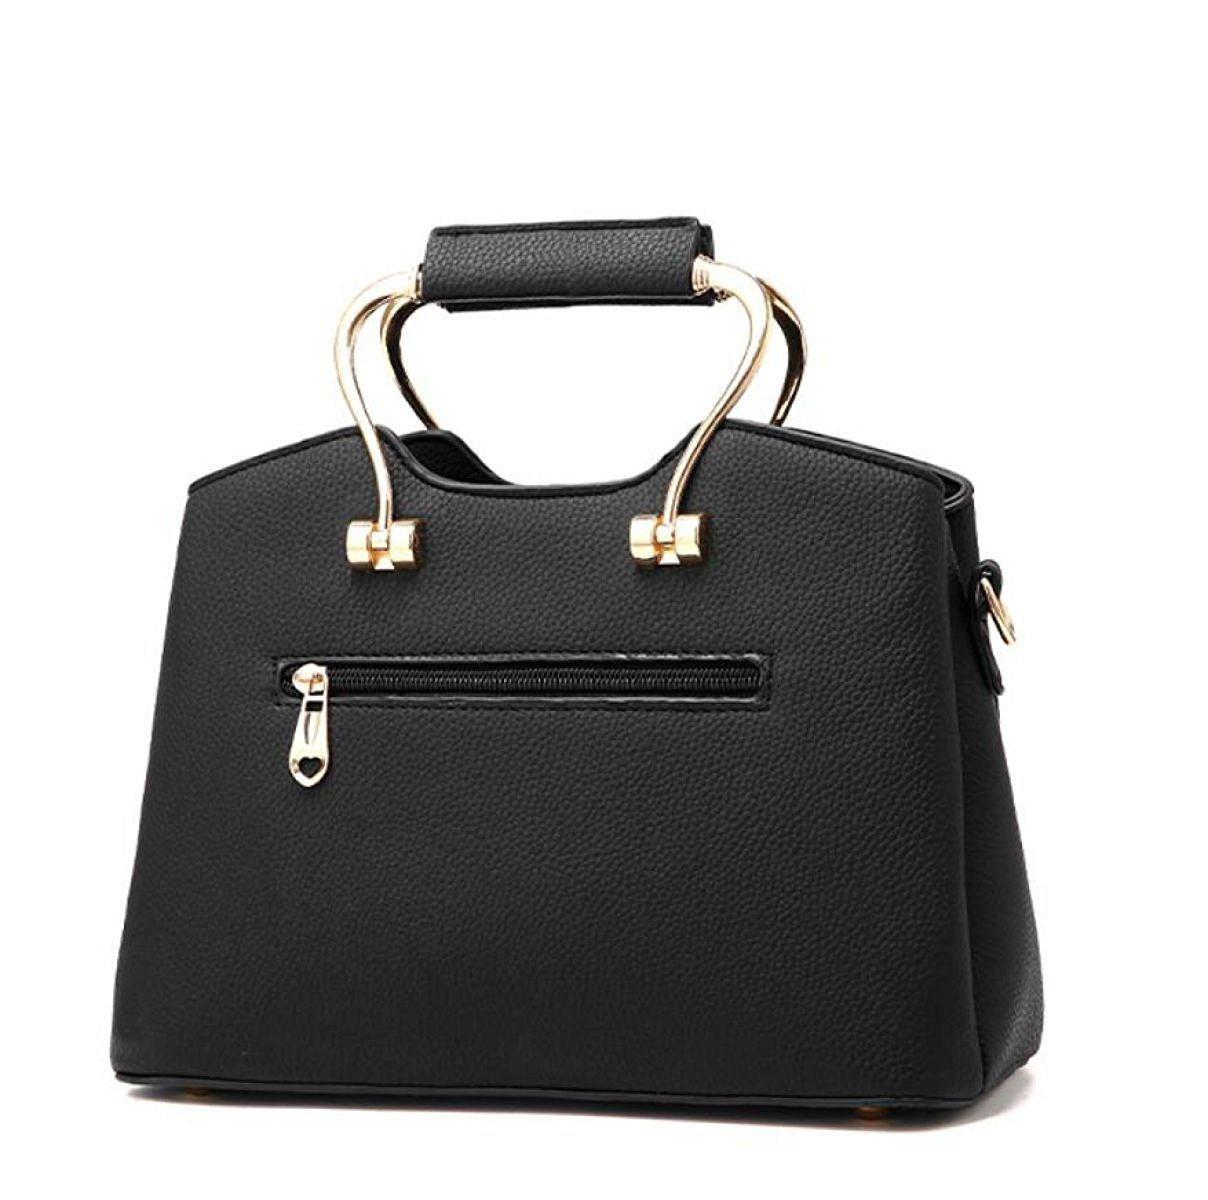 Sac à Main De La Mode Des Femmes Sauvages Big Bag Sac à Bandoulière Simple épaule élégante Tempérament Sweet Square Bag,Pink